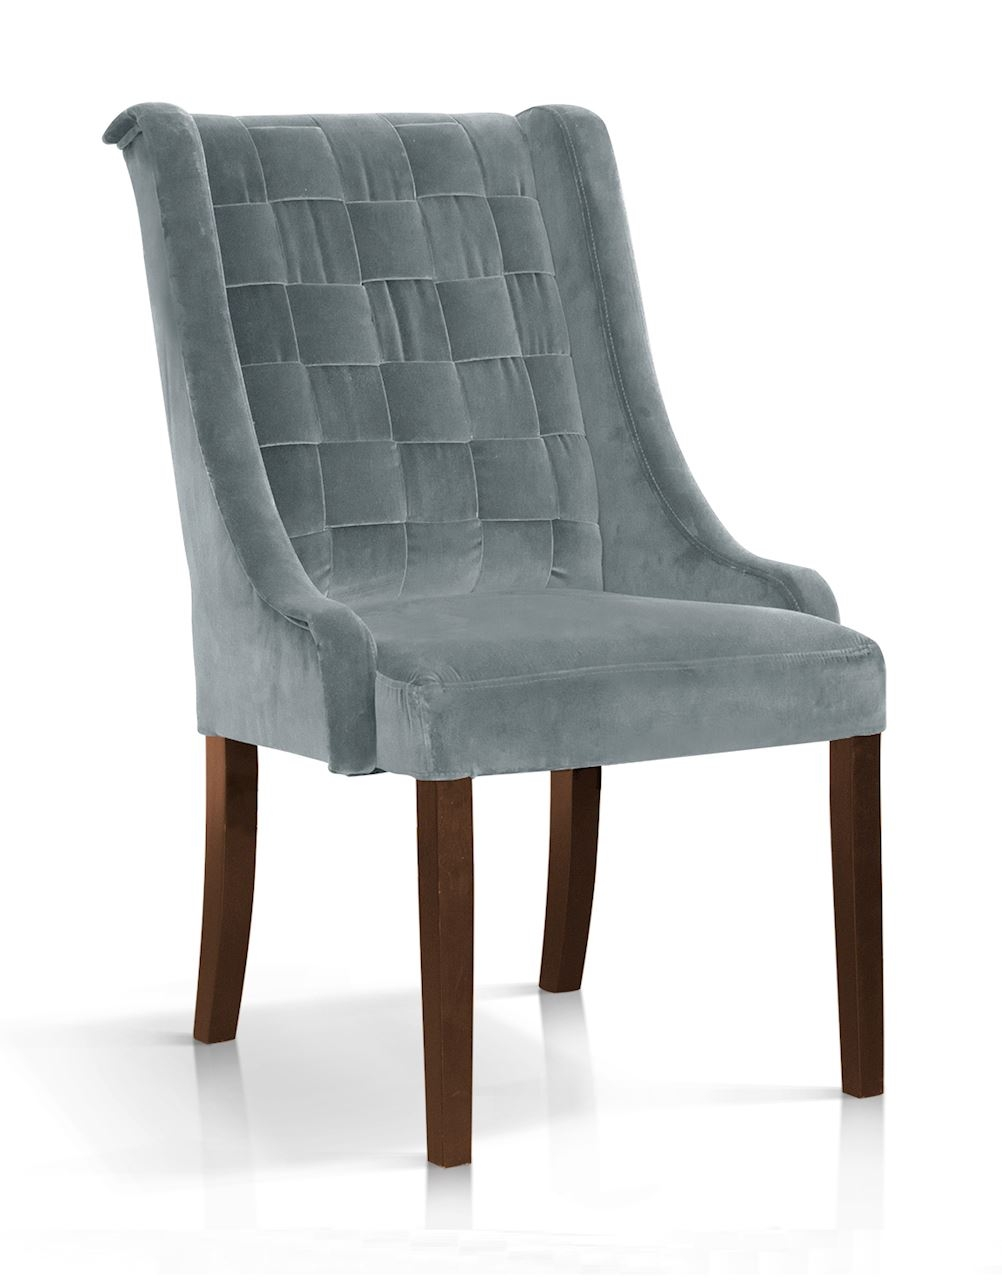 Scaun tapitat cu stofa, cu picioare din lemn Prince Velvet Gri / Nuc, l55xA70xH105 cm poza